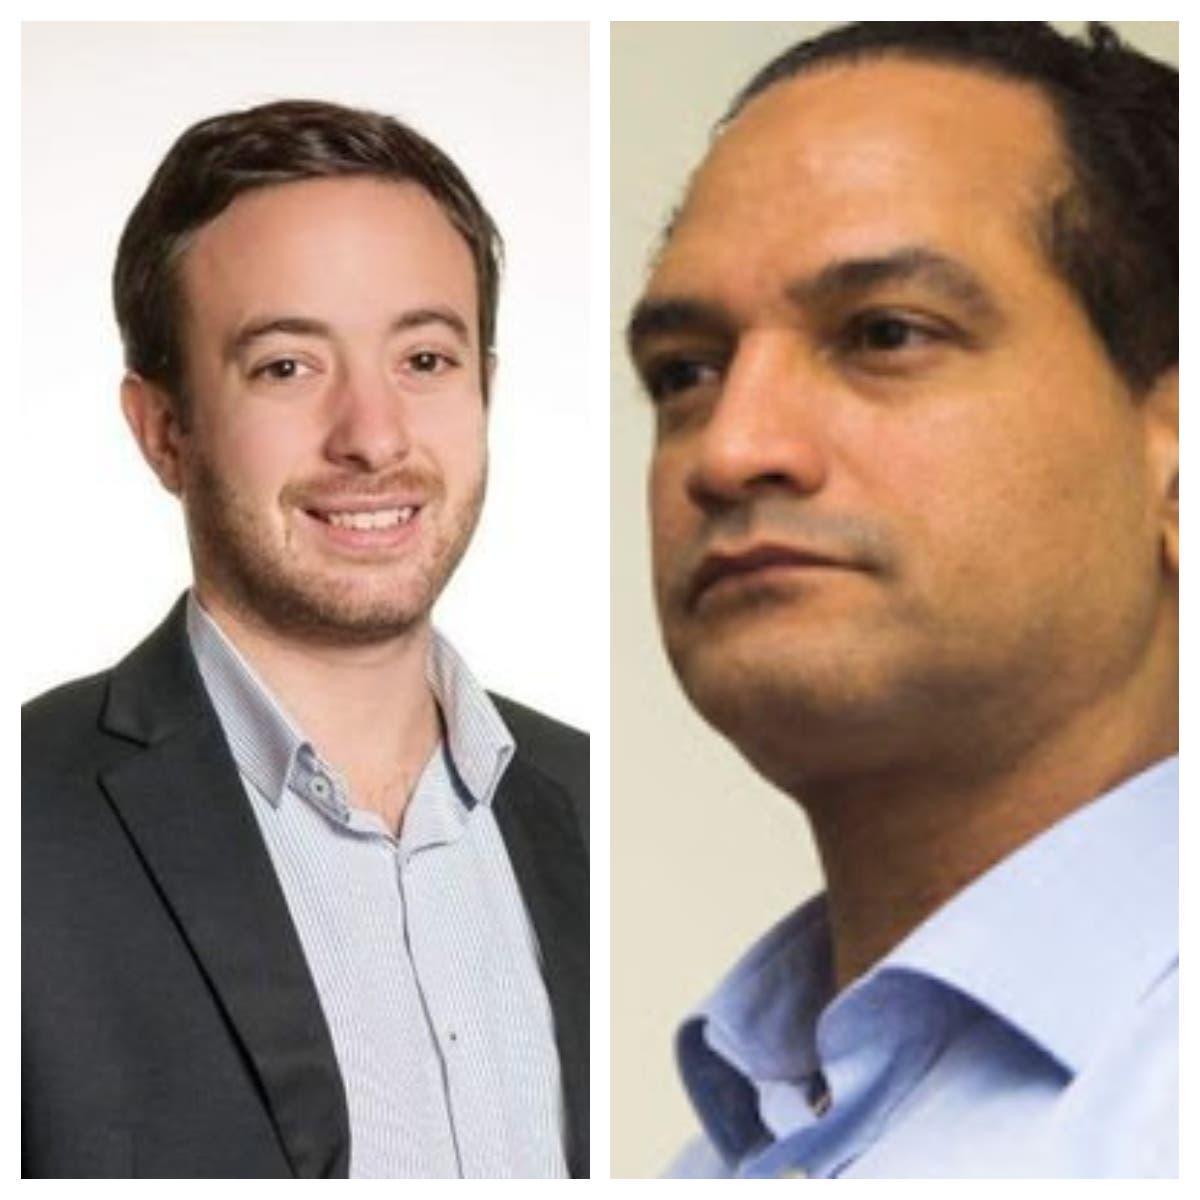 José LaLuz y Agustín Laje debatirán sobre aborto e ideología de género en plataforma de Alofoke